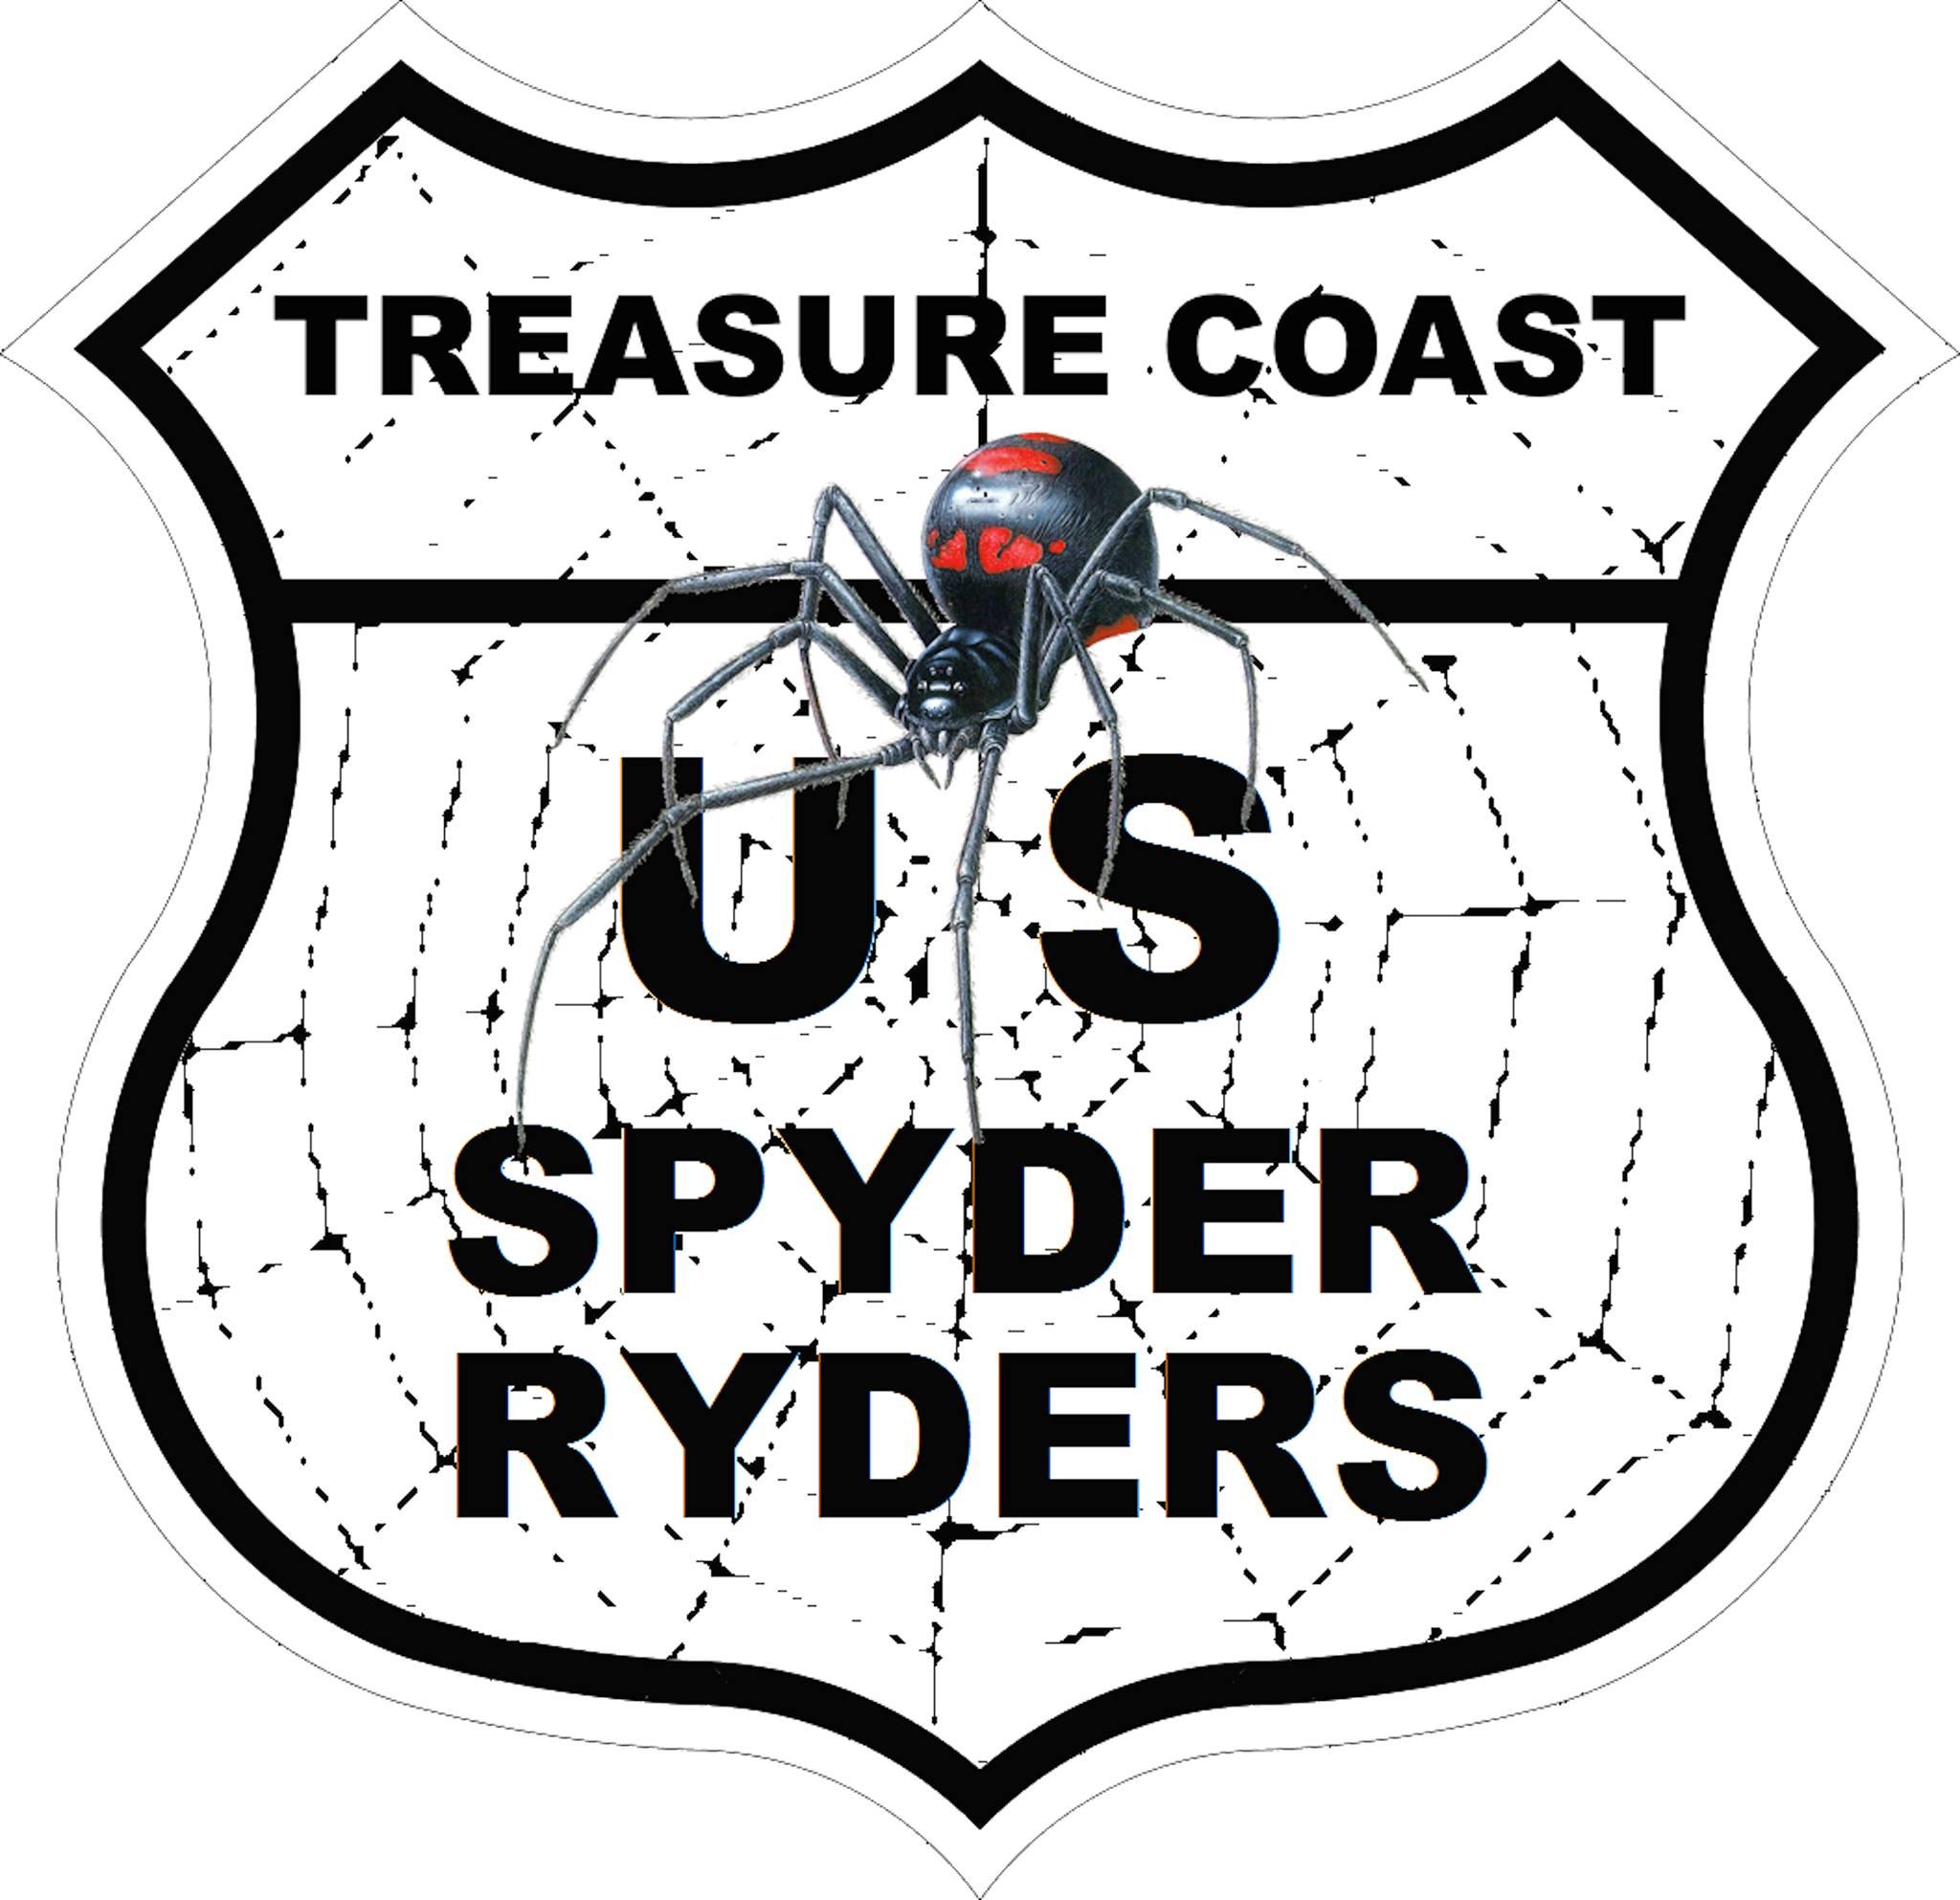 FL-TreasureCoast.jpg